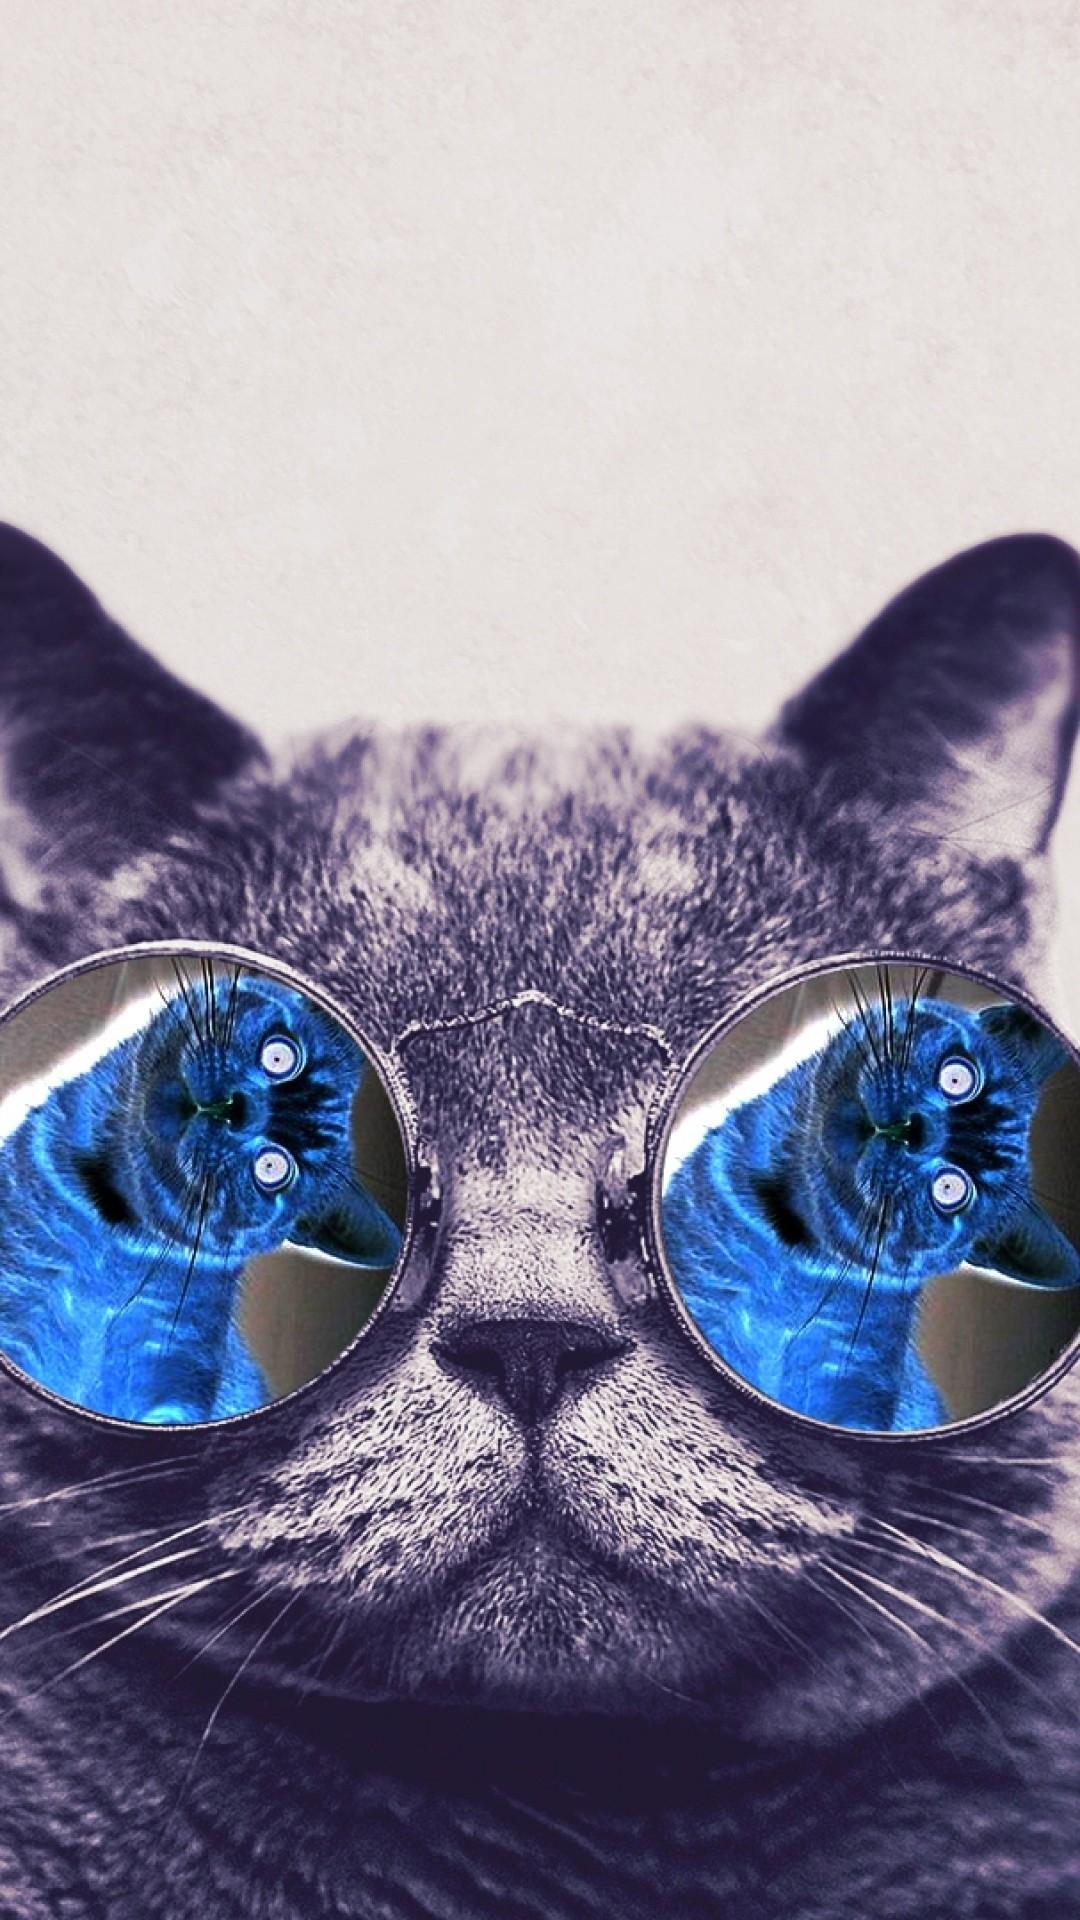 Cool Cat Wallpaper - WallpaperSafari ... 1080x1920